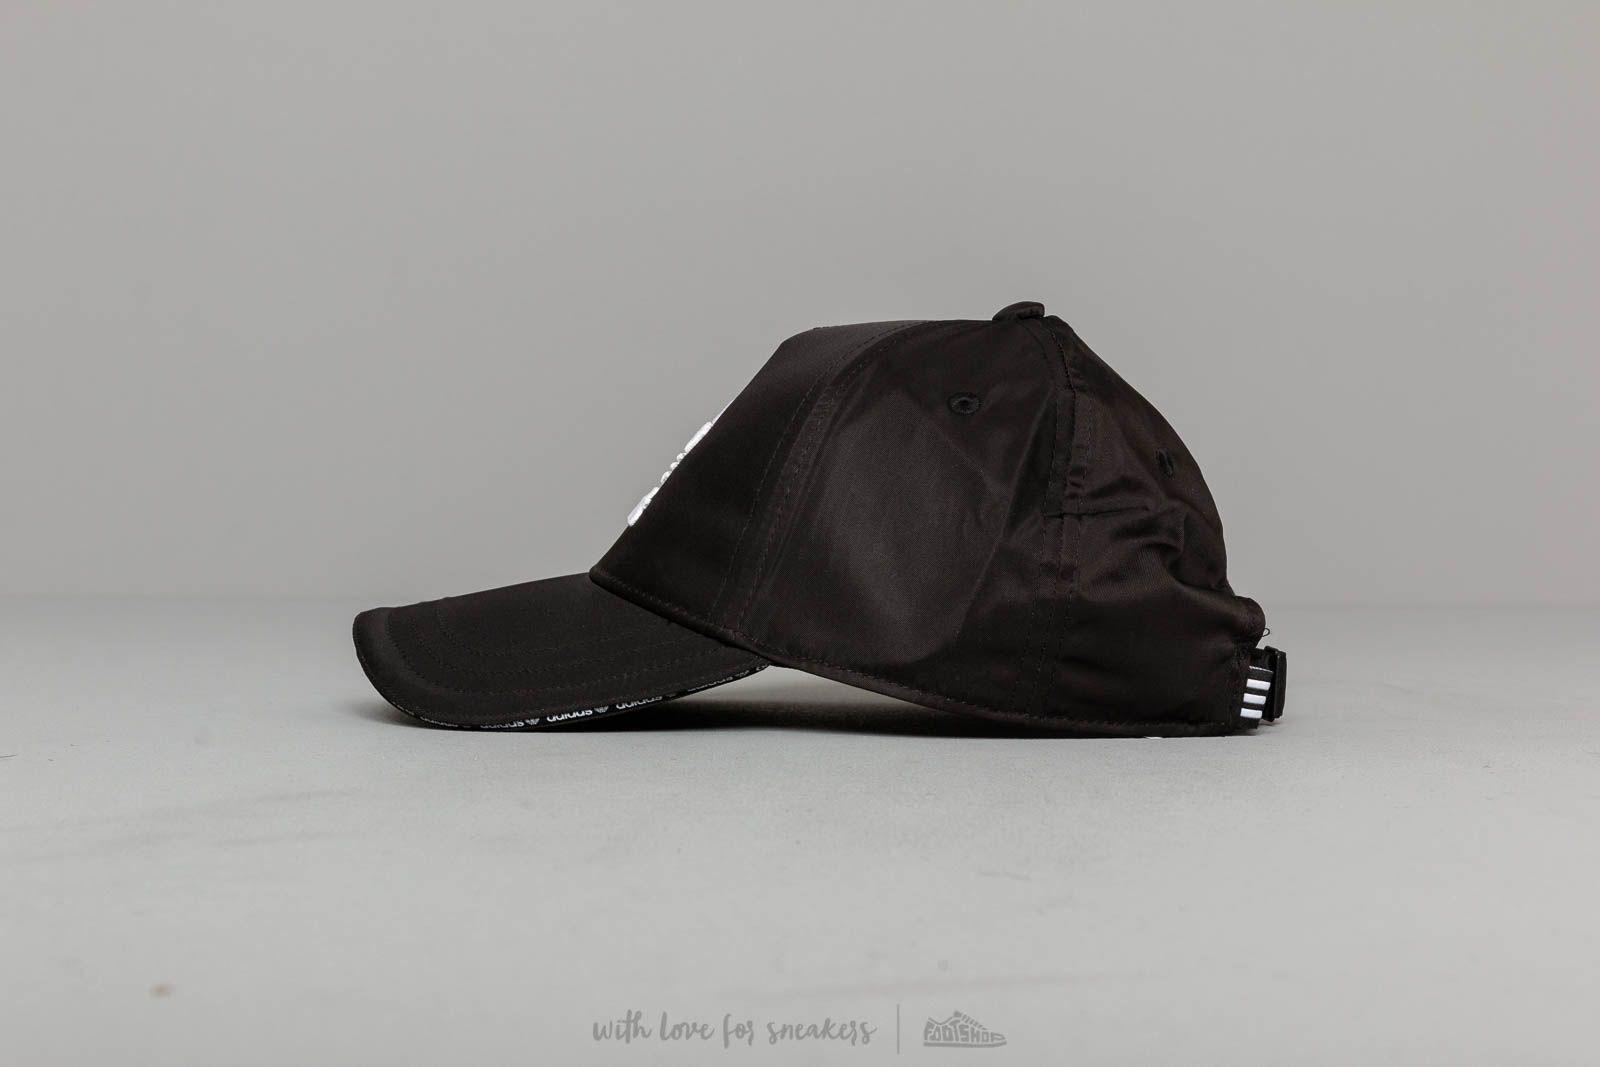 a1ec3a21fbd80 adidas Originals Cap Black a muy buen precio 24 € comprar en Footshop